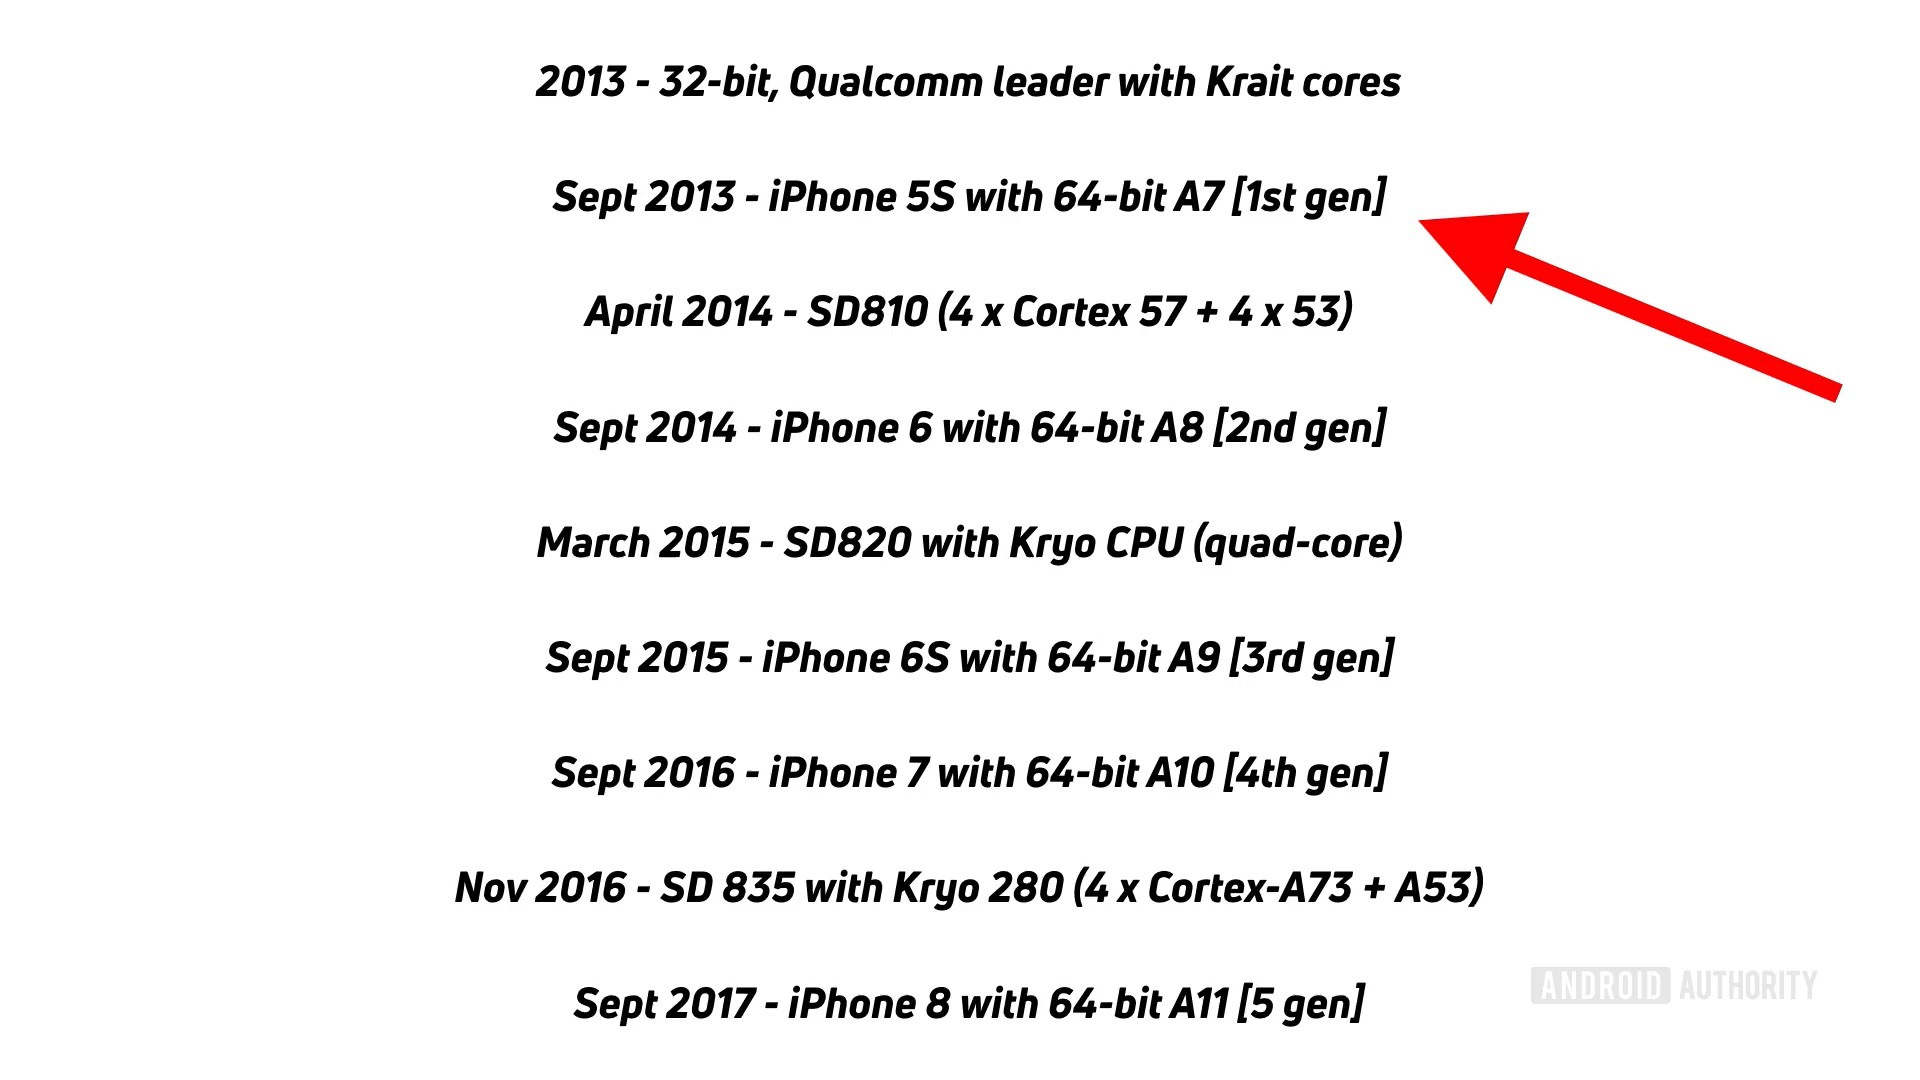 Apple a surpris tout le monde en sortant un processeur 64 bits au moins un an avant Qualcomm. Image extraite de la vidéo publiée par Android Authority sur le sujet. Cliquer pour agrandir